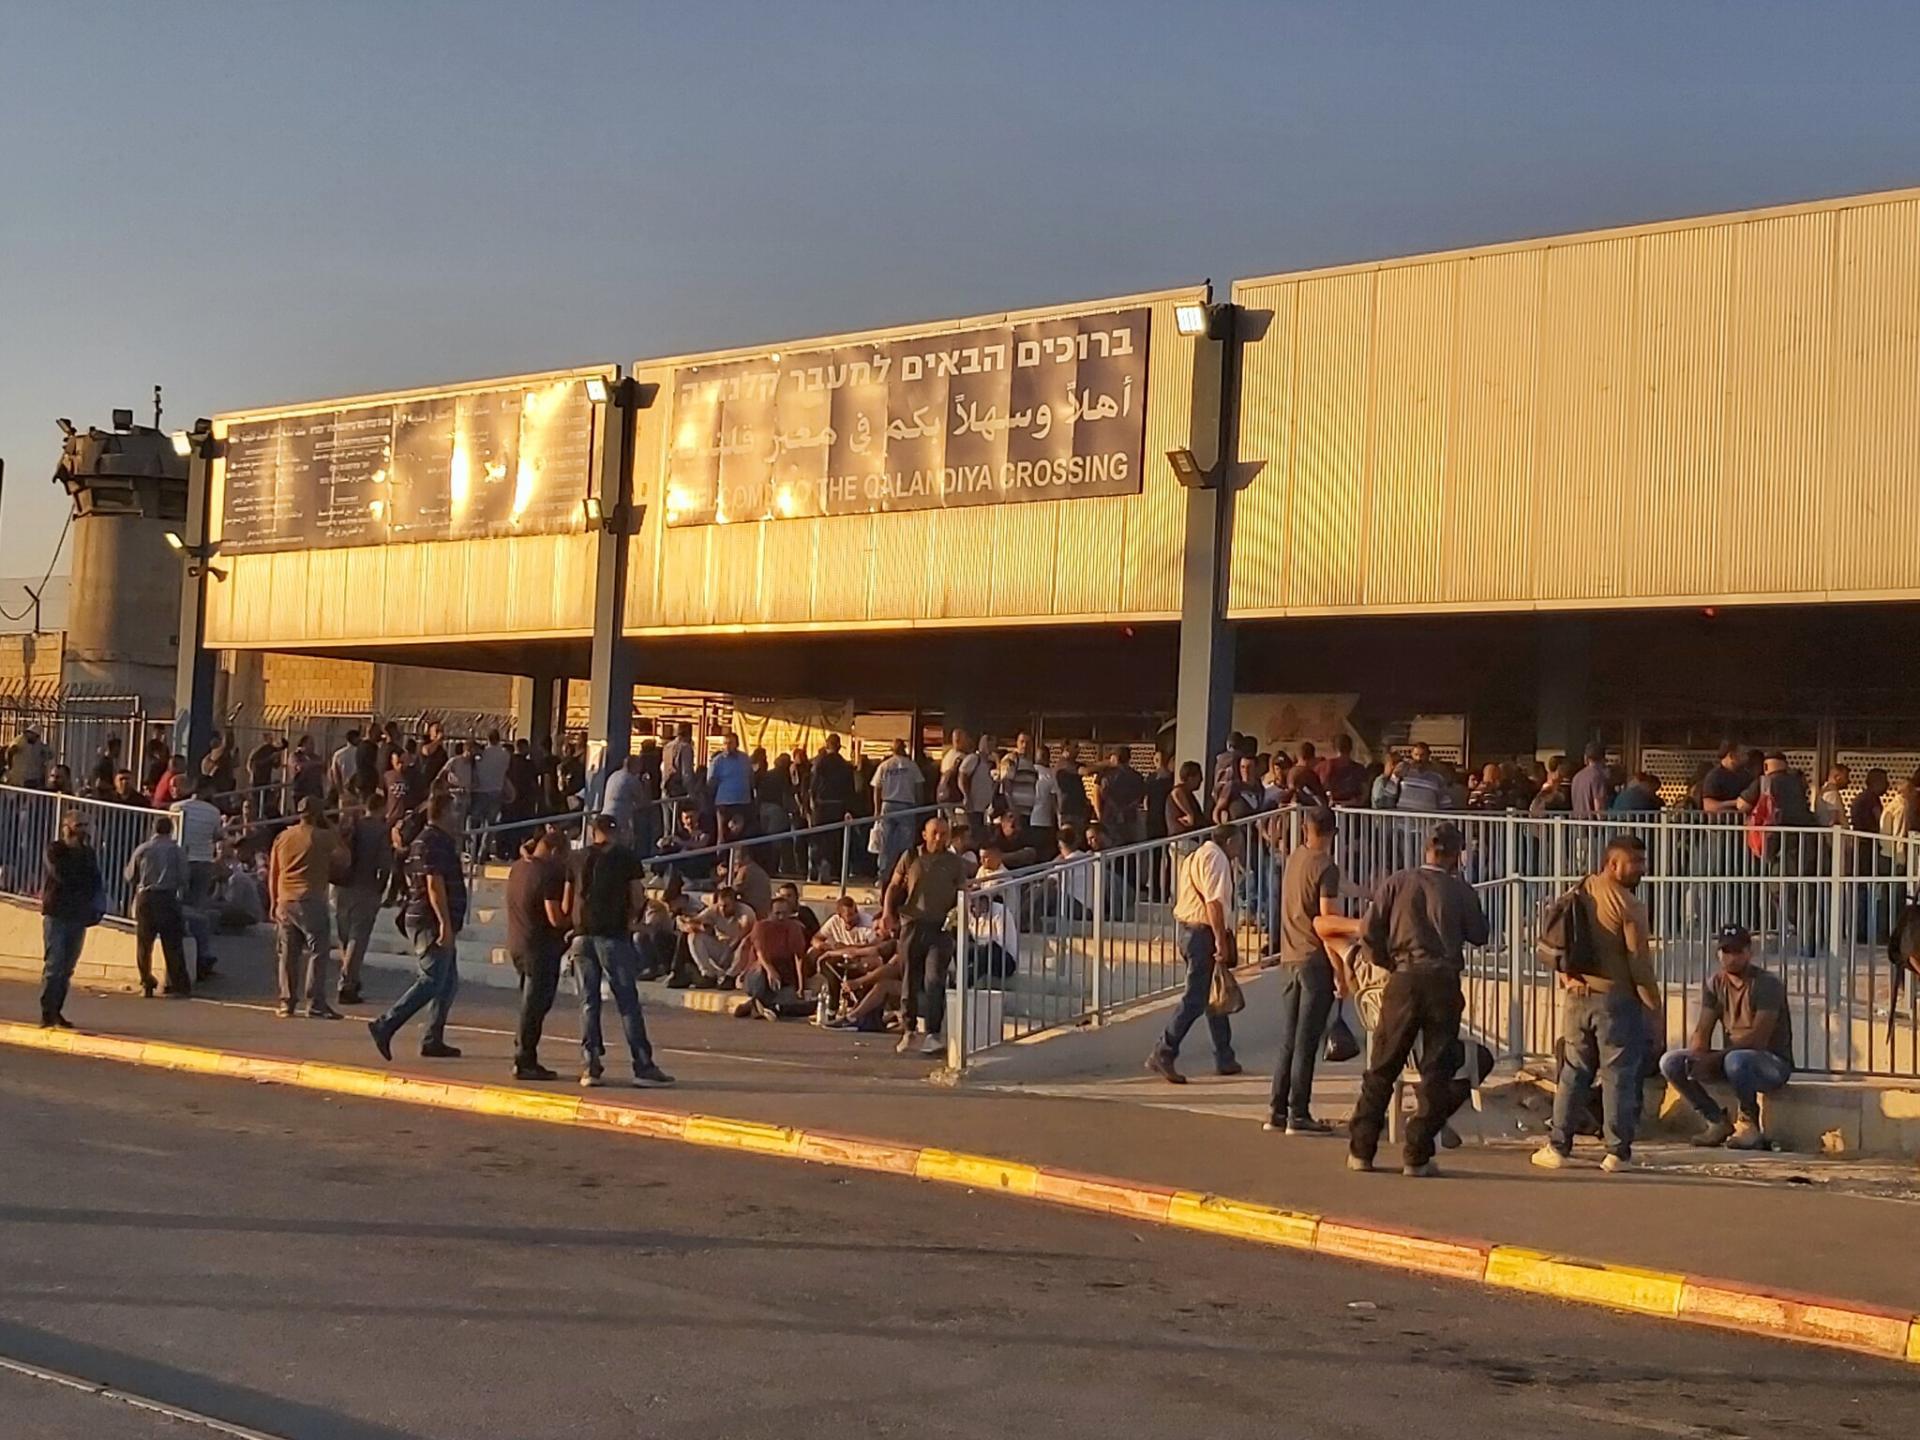 אנשים רבים מתחת לסככה בכניסה למחסום